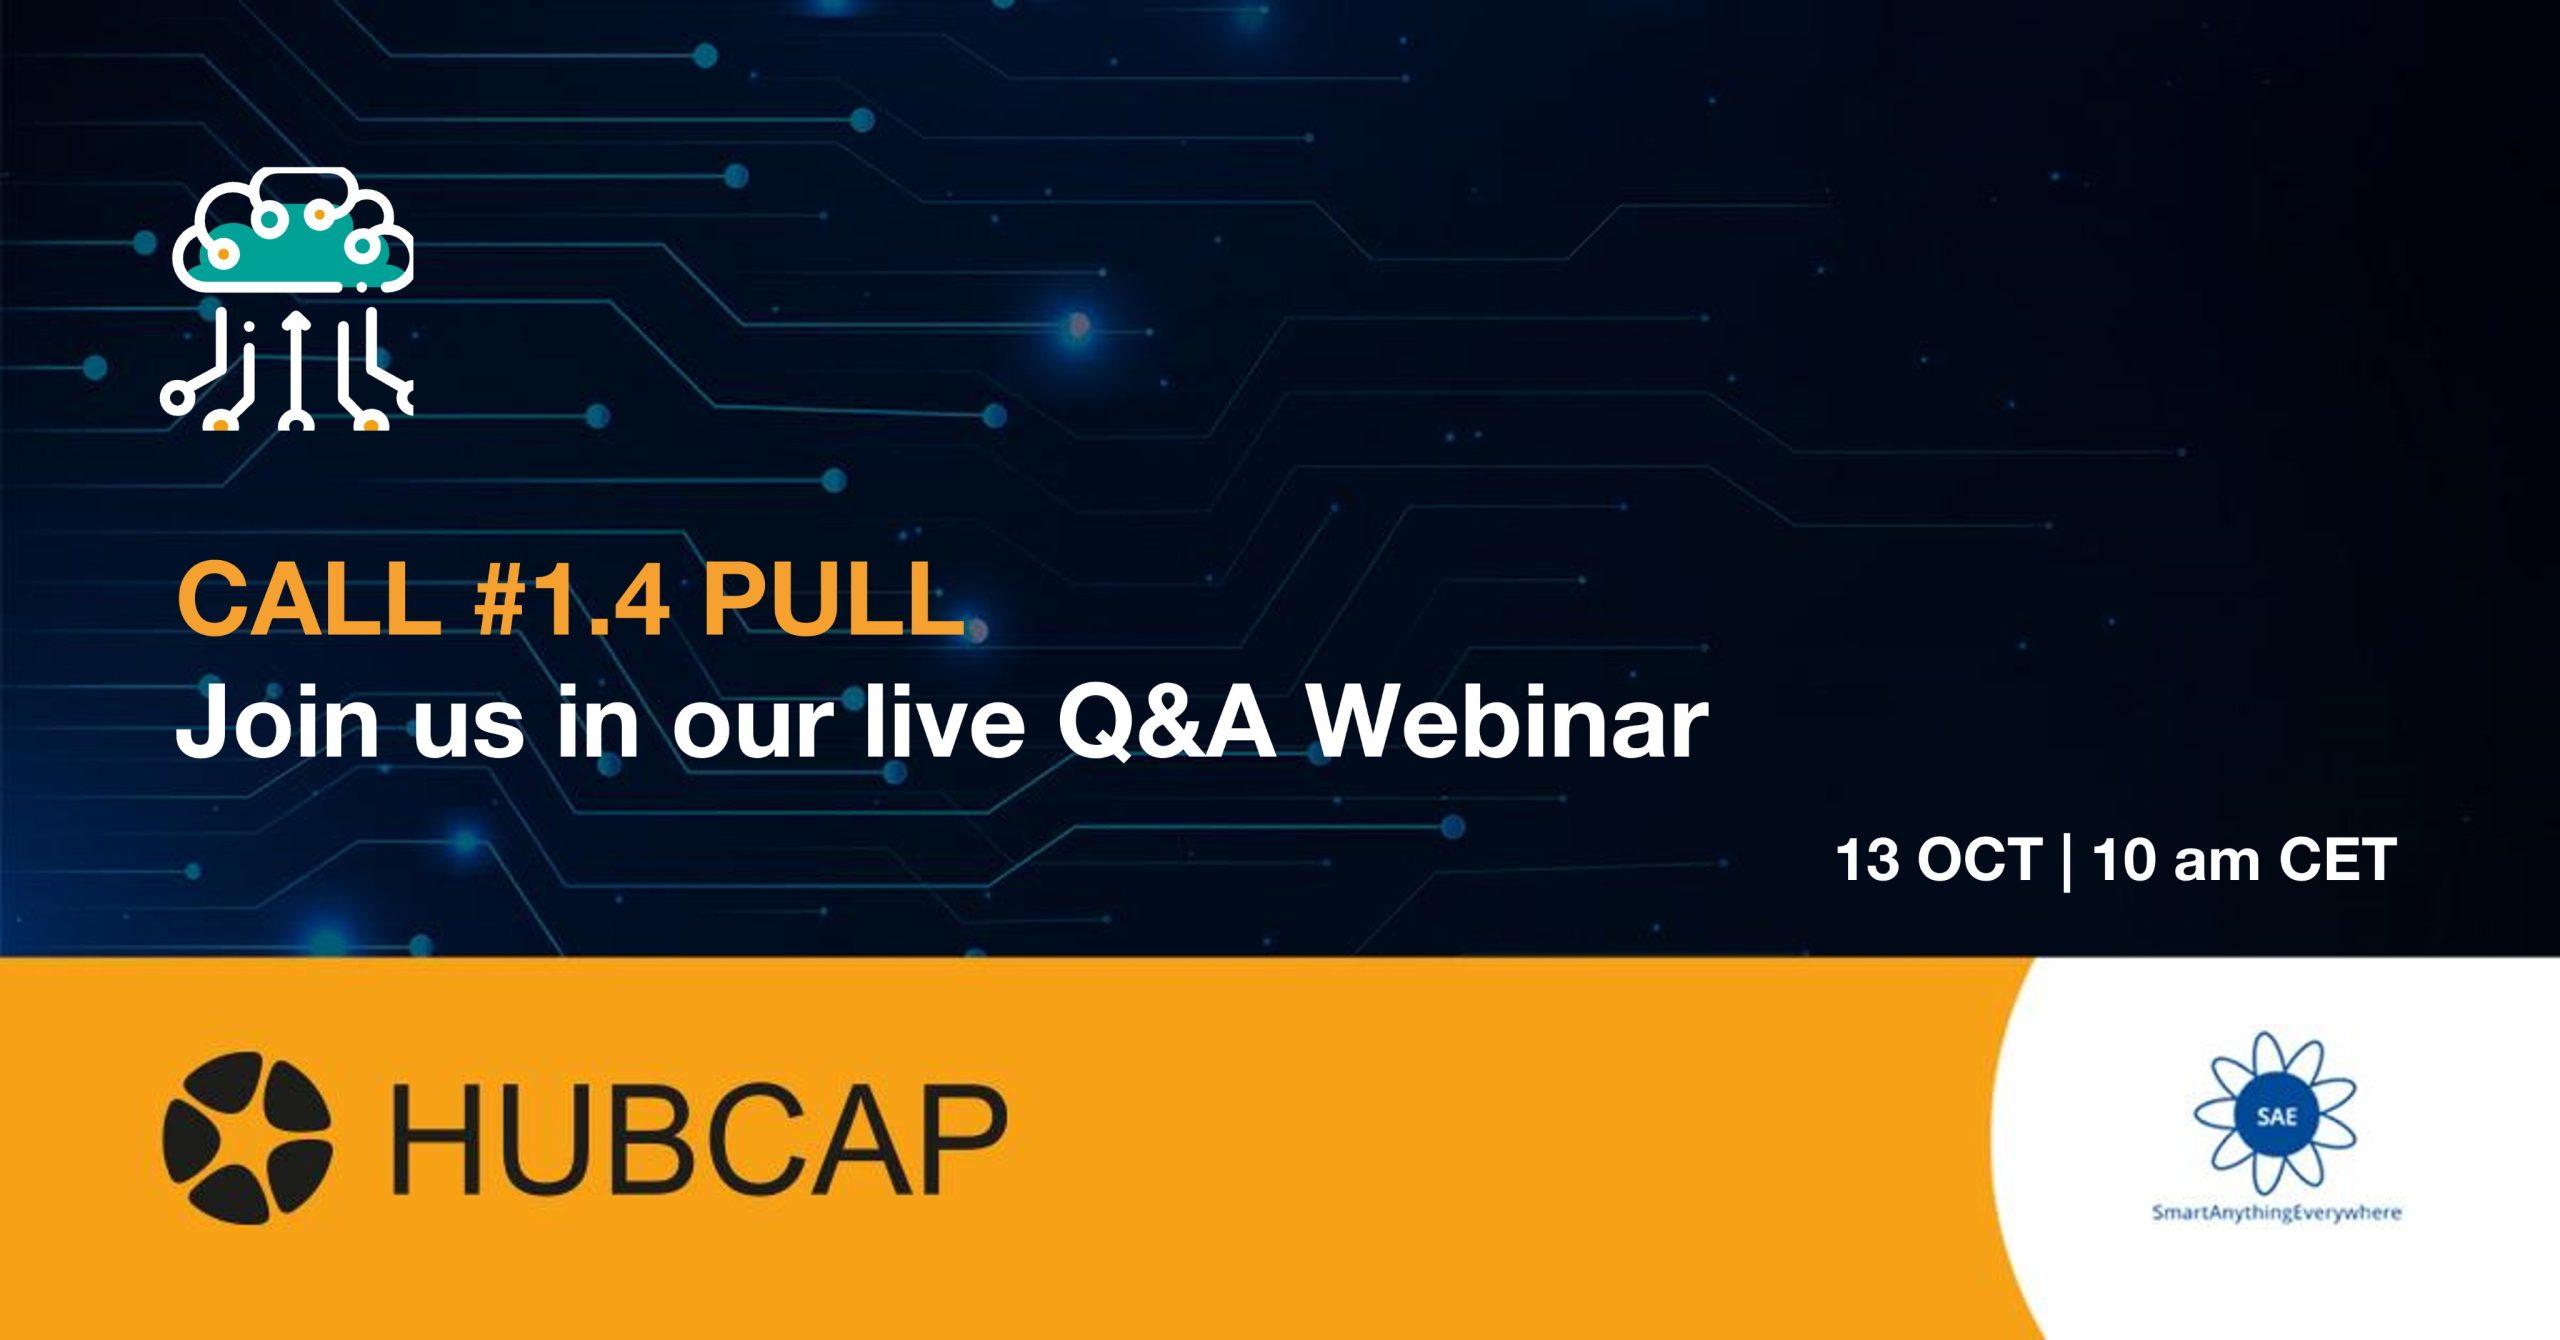 HUBCAP Organizează Un Webinar De Q&A Pentru IMM-urile Interesate Să Aplice Pentru Call #1.4 PULL